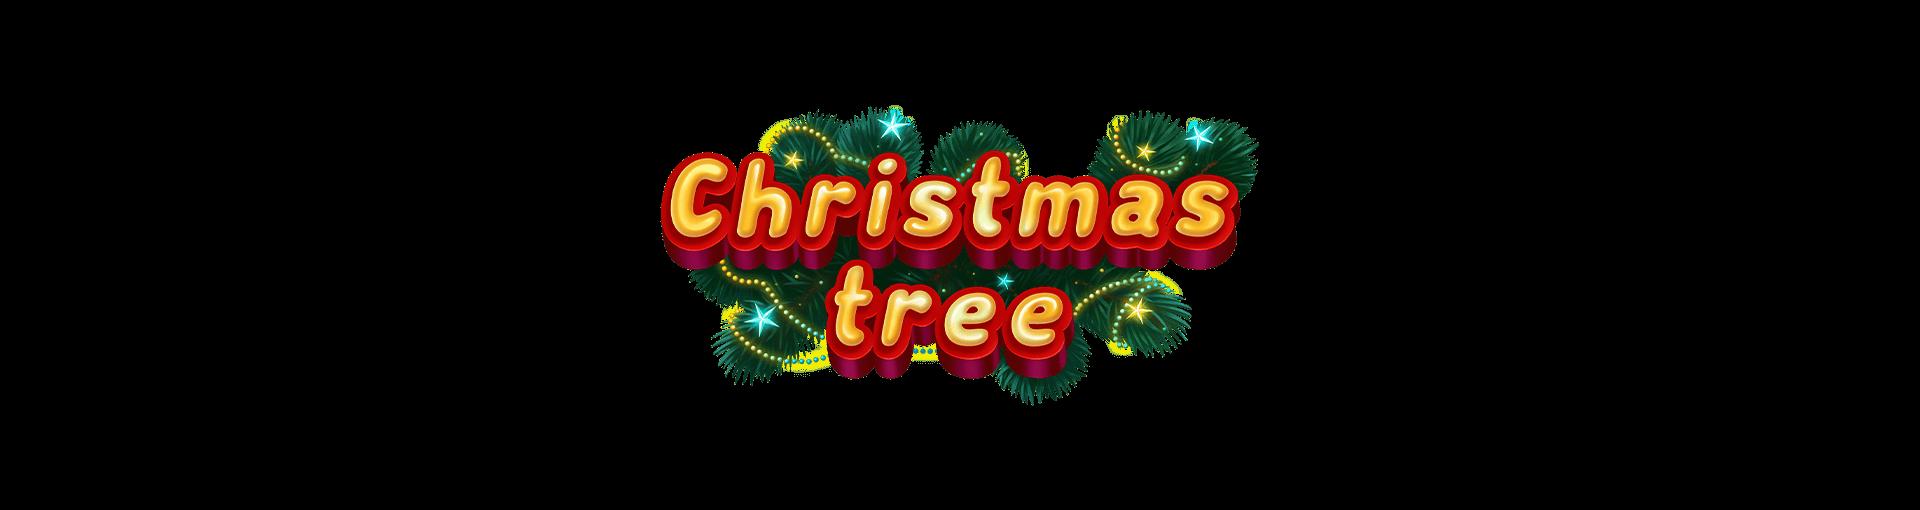 christmas-tree-Yggdrasil-UpcomingGame-Logo-Template-1920x510px